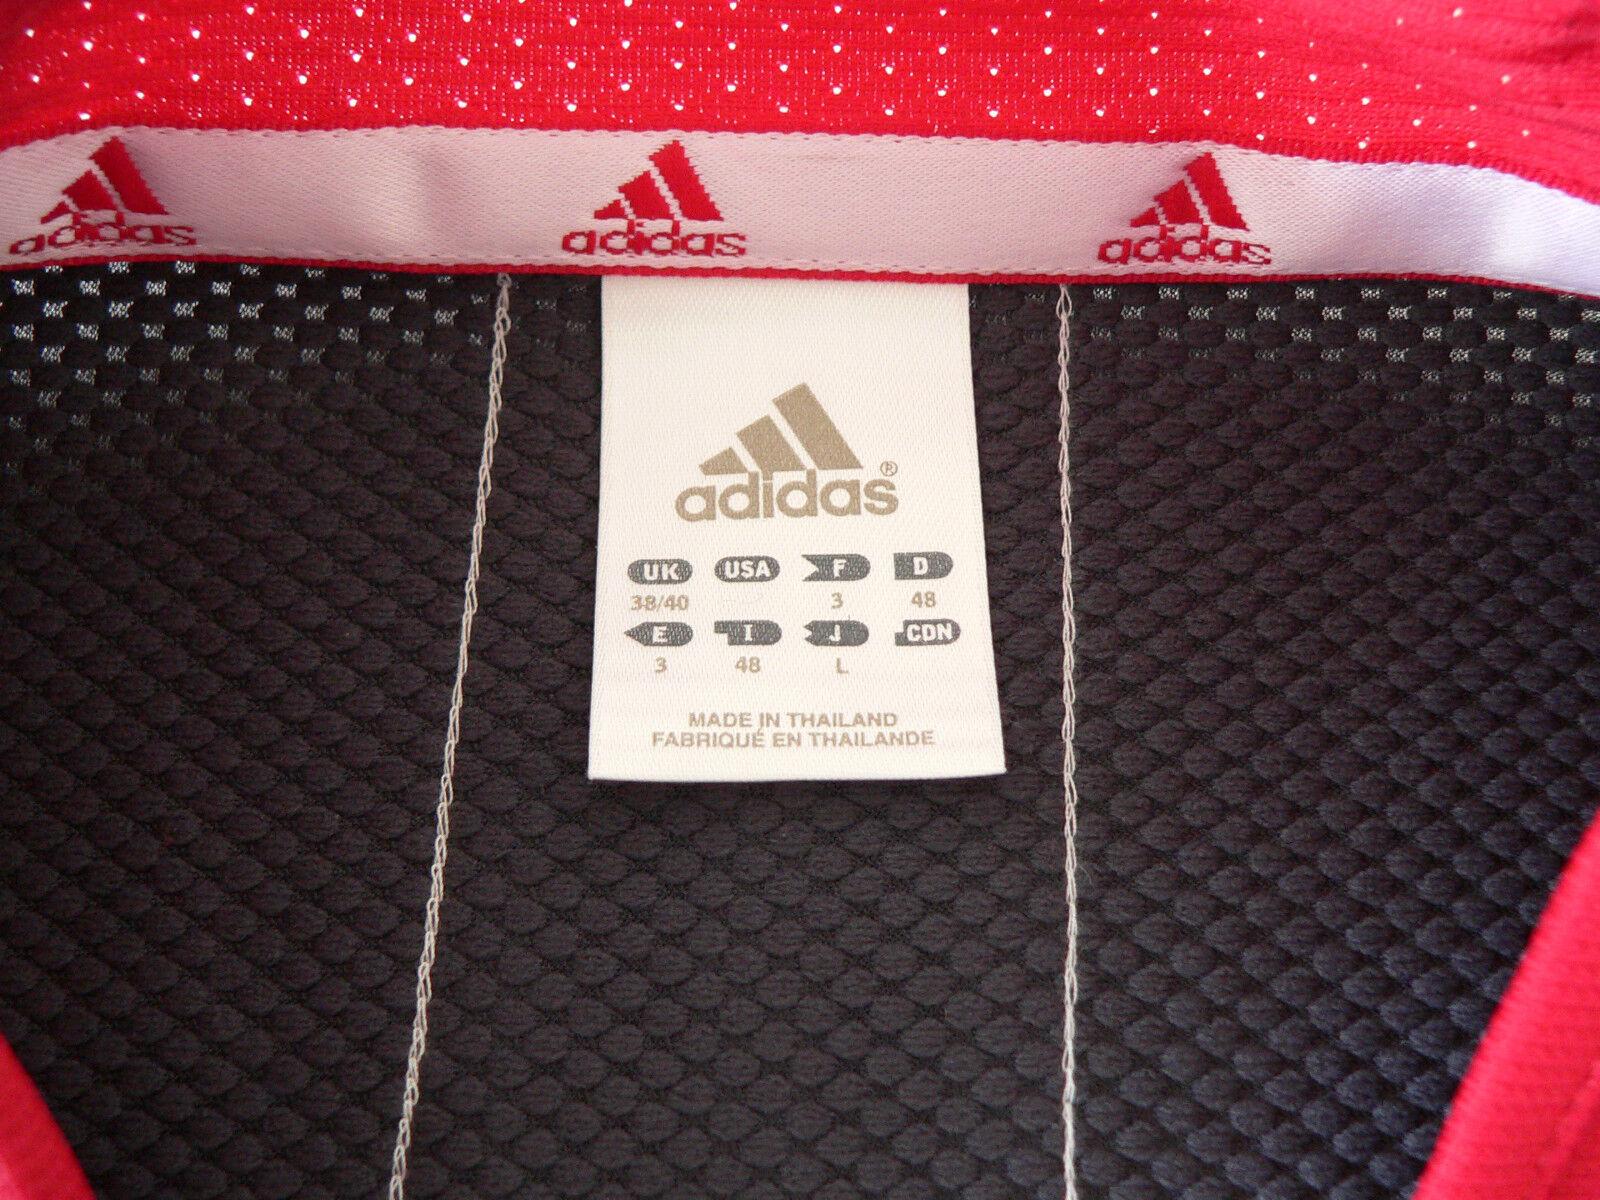 Adidas Tennisshirt Tennis T-Shirt Shirt Polo chemise Größe Größe M M M rot rot rot 8d8c24